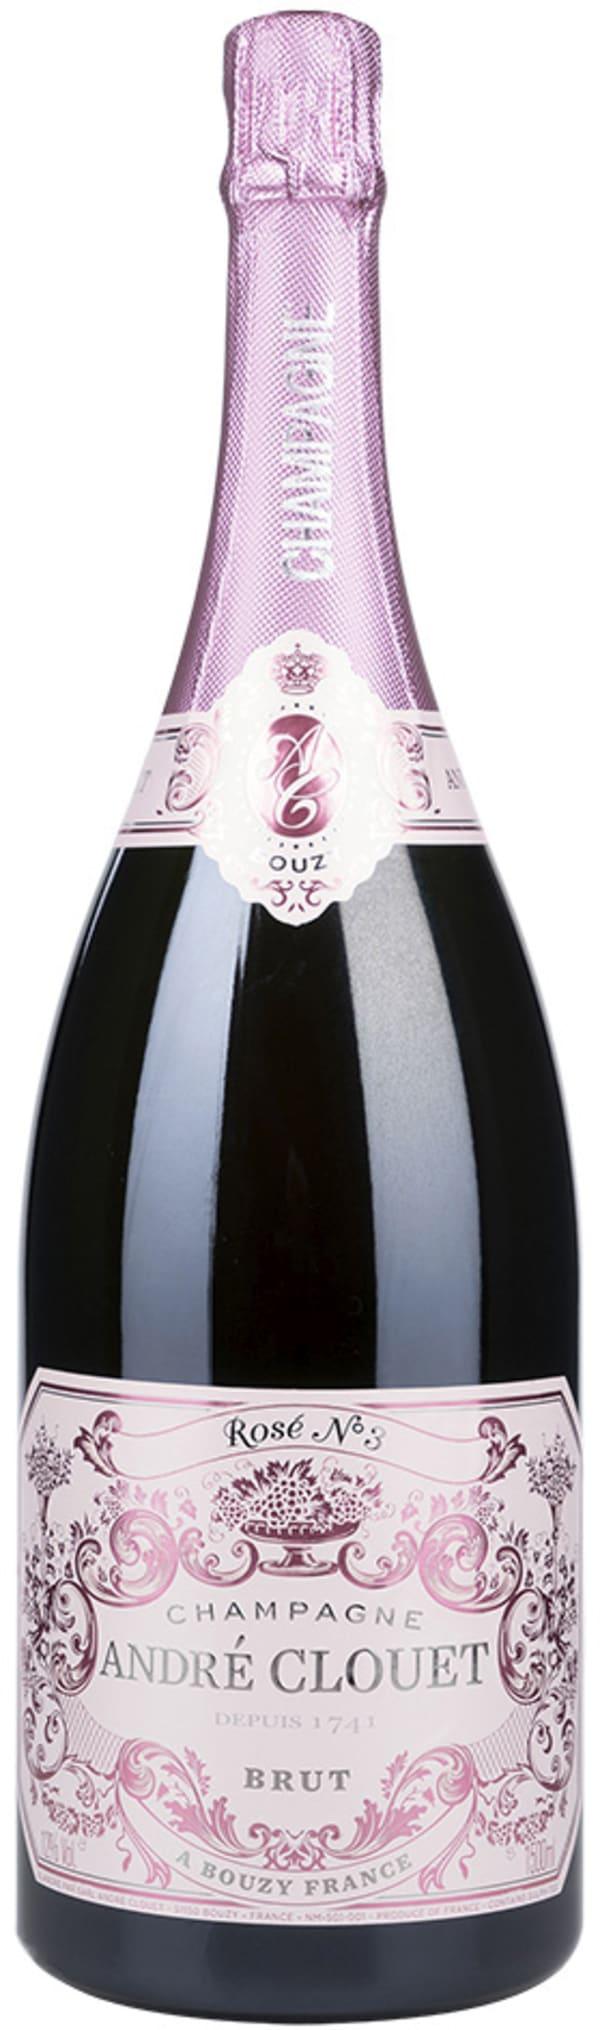 André Clouet Rosé Champagne Brut Magnum